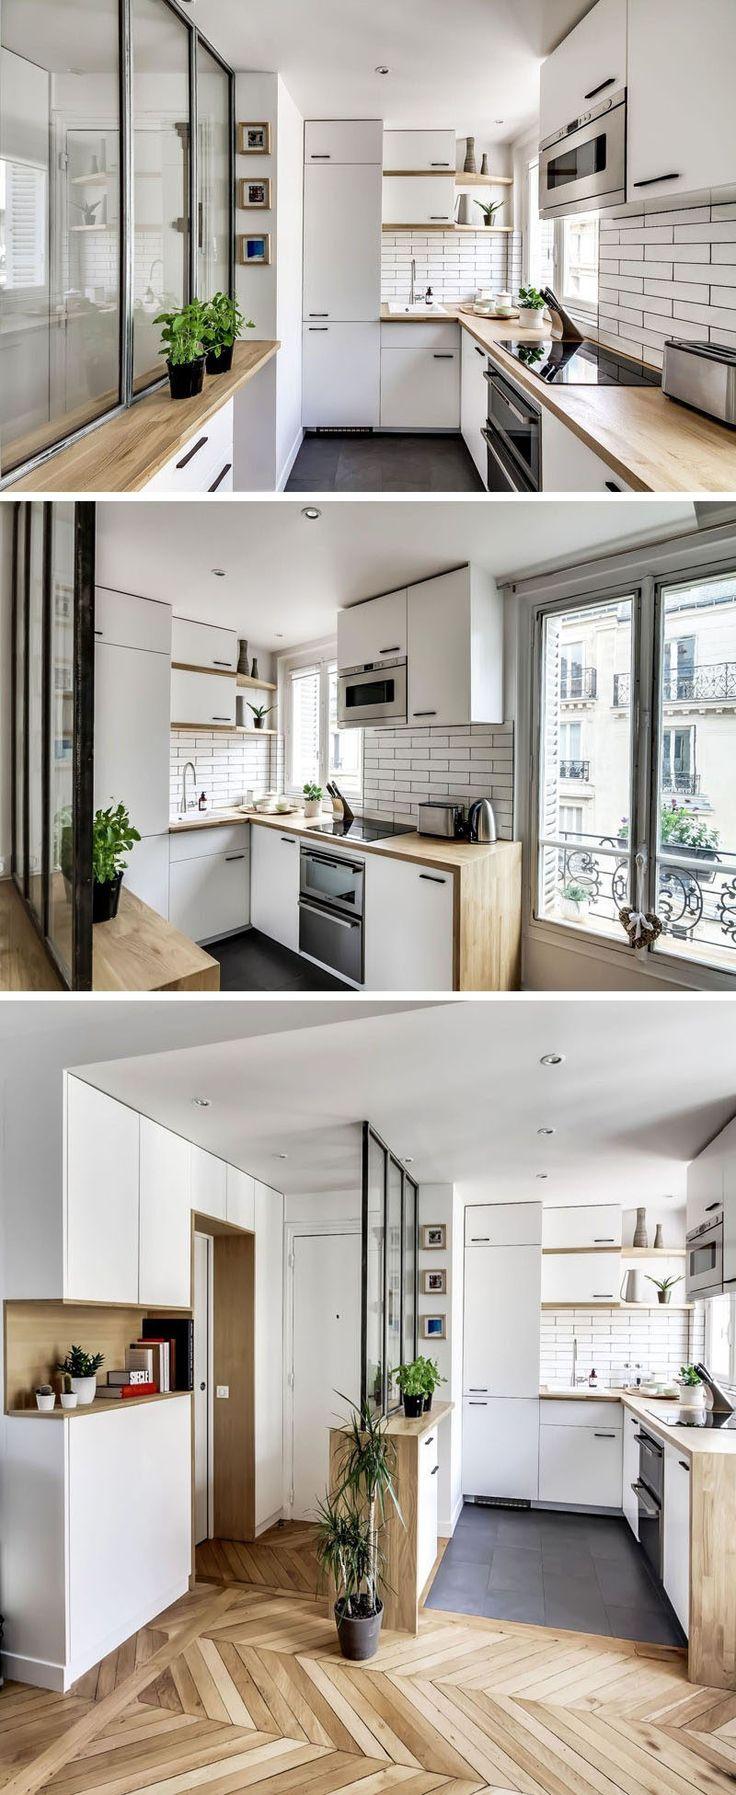 Fancy K che Design Ideen K chen die das Beste aus einem kleinen Raum machen diese meist wei en K che hat Holzregale und Arbeitsplatten Cabinetry